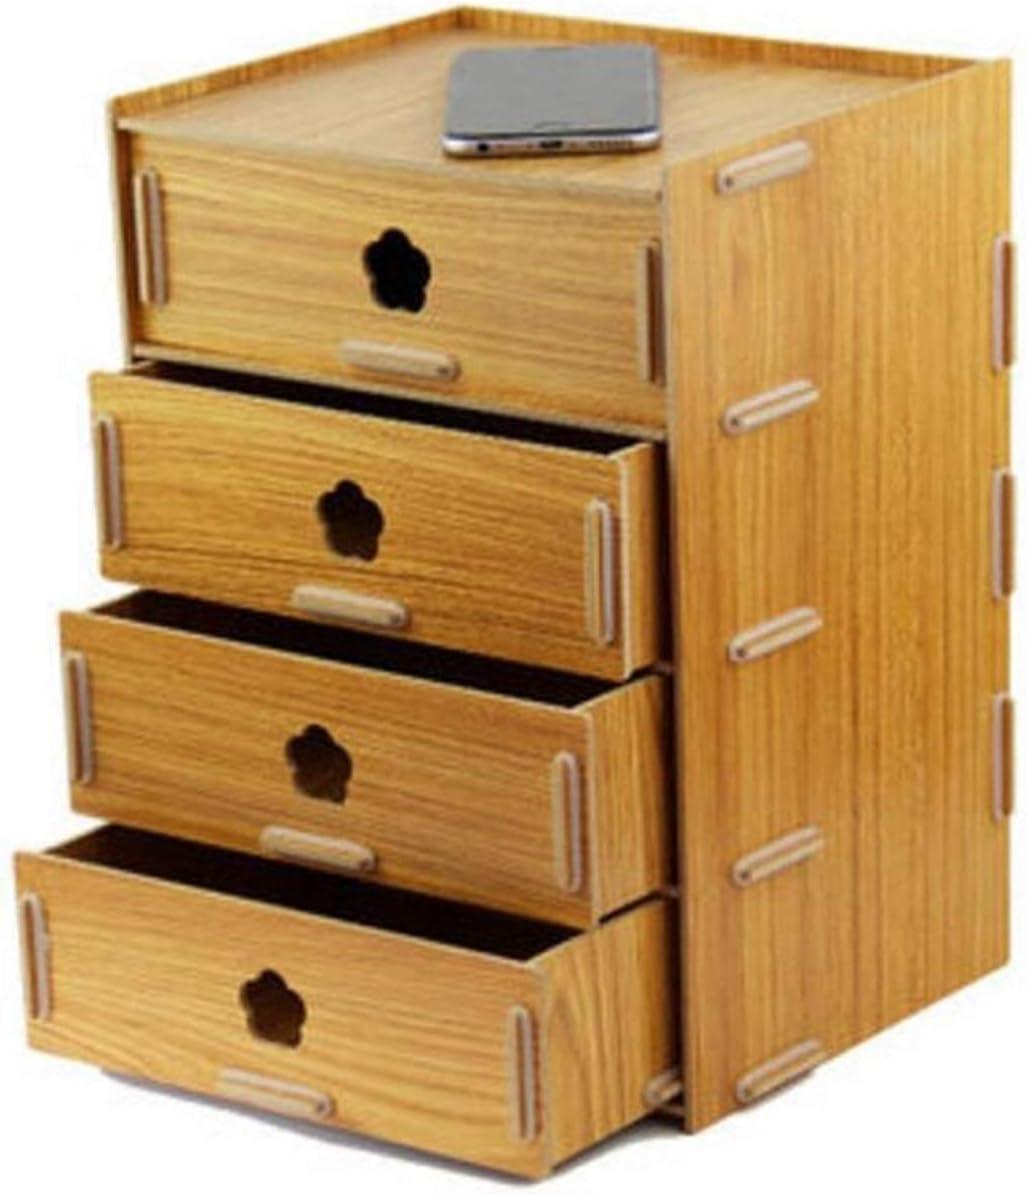 Tools Home Office Desktop-Dateispeicherbox Schubladenschrank Vobajf Home Office Schr/änke Drawer Cabinet Desk Organizer Archivieren und Organisieren von Papierdokumenten